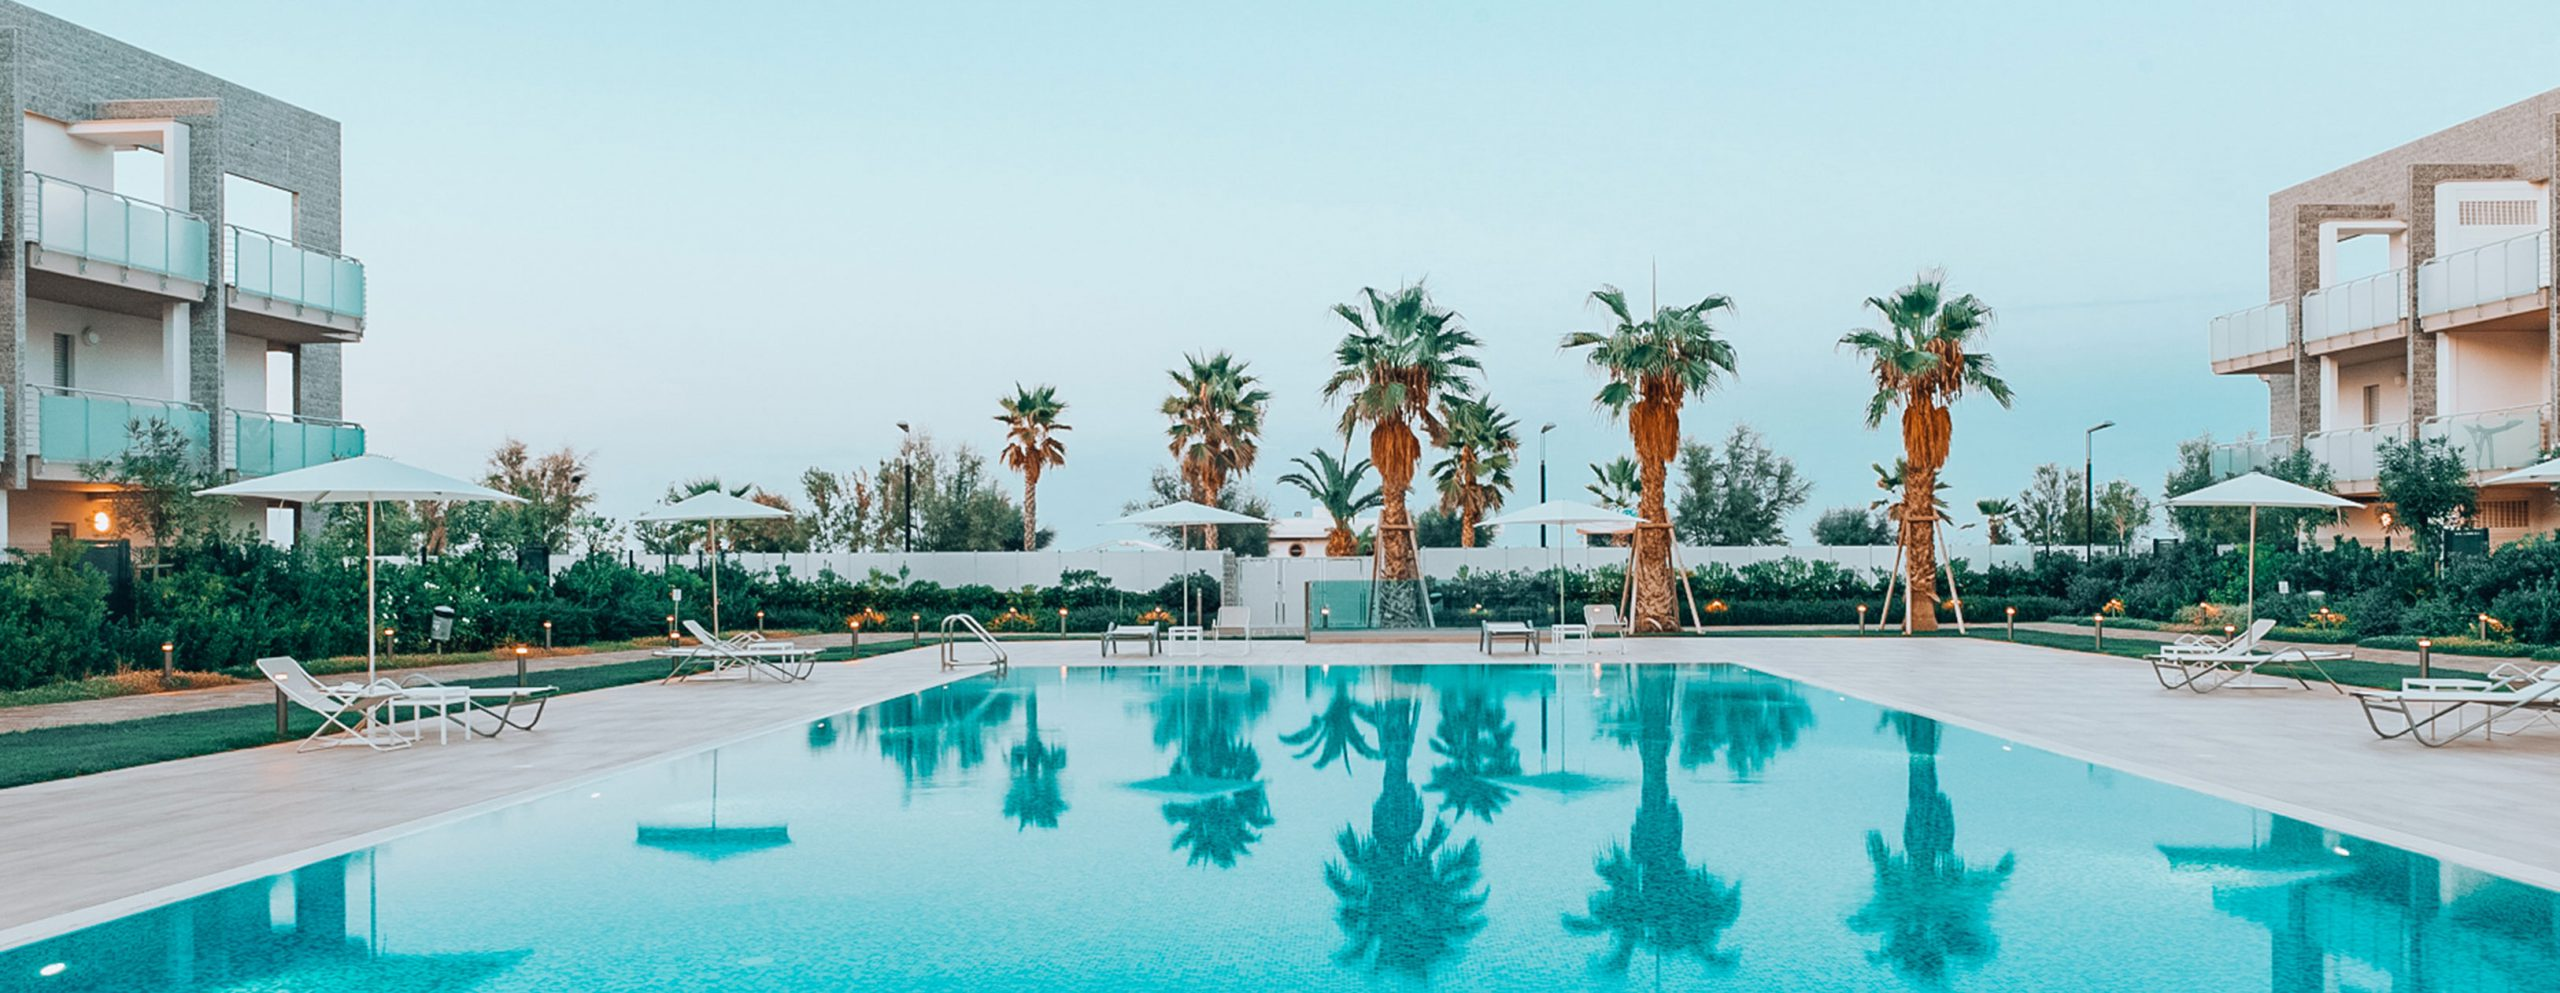 piscina-esterna-privata-palme-le-dune-silvi-marina